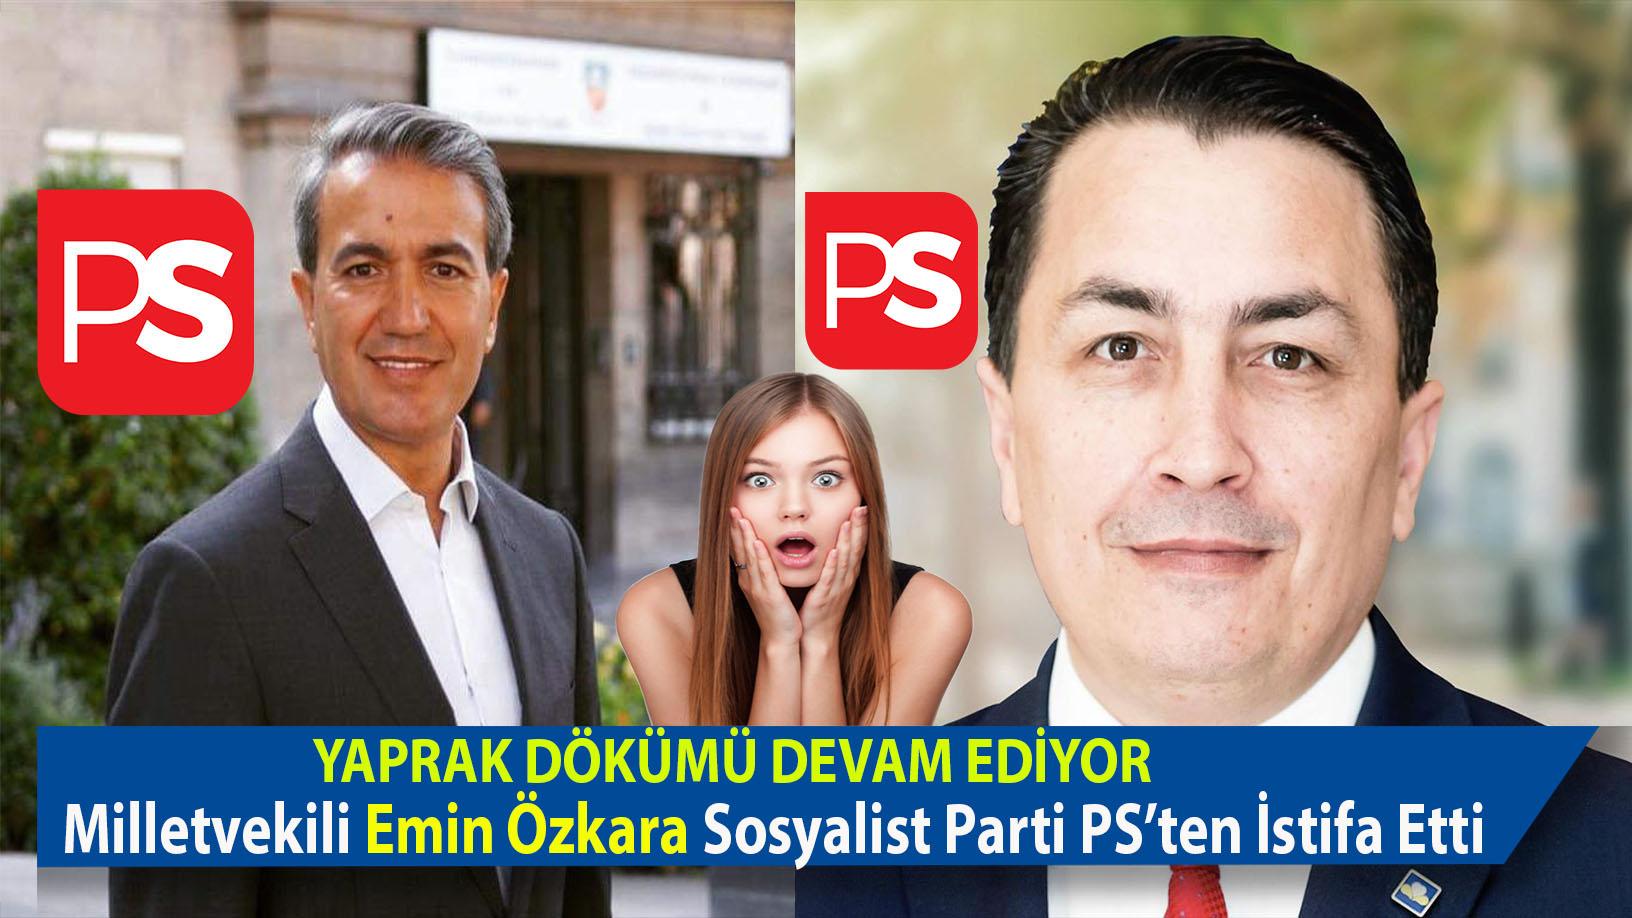 Emir Kır'ın PS Partisi'nden İhraç edilmesinin şoku devam ederken Emin Özkara' da istifasını açıkladı.